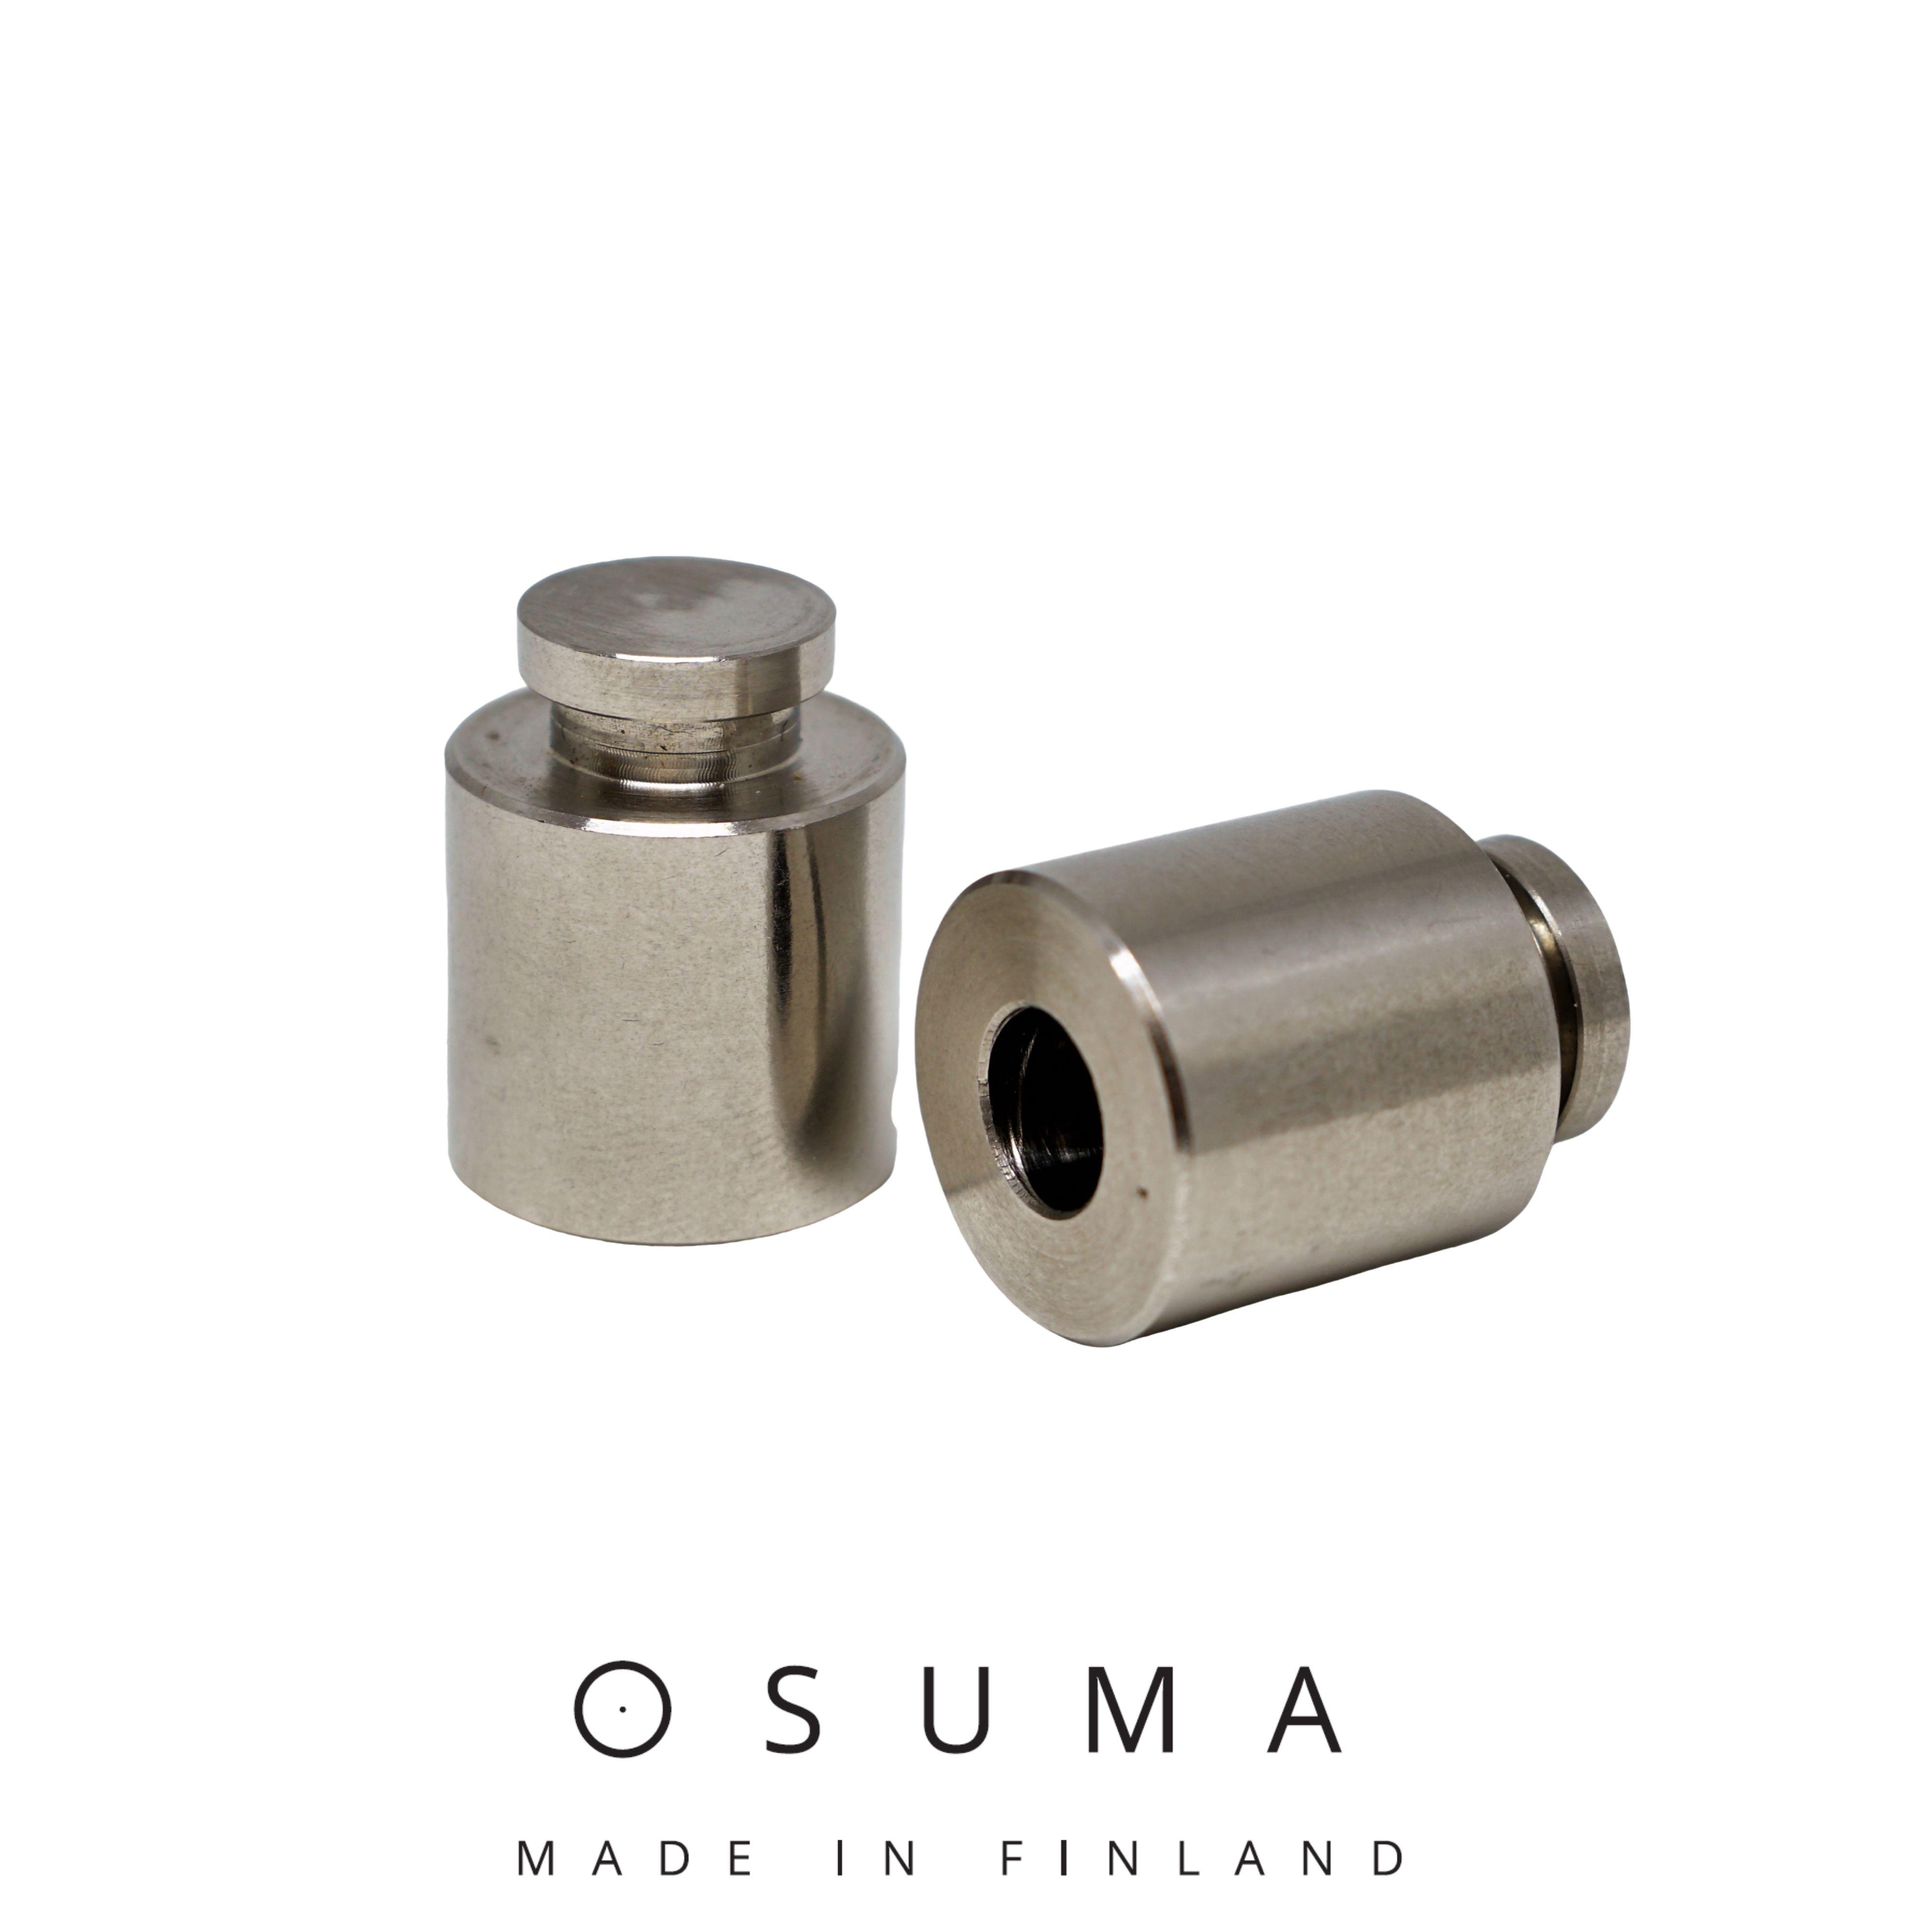 Osuma Luodinsuun supistaja reikäpääluodille 6mm